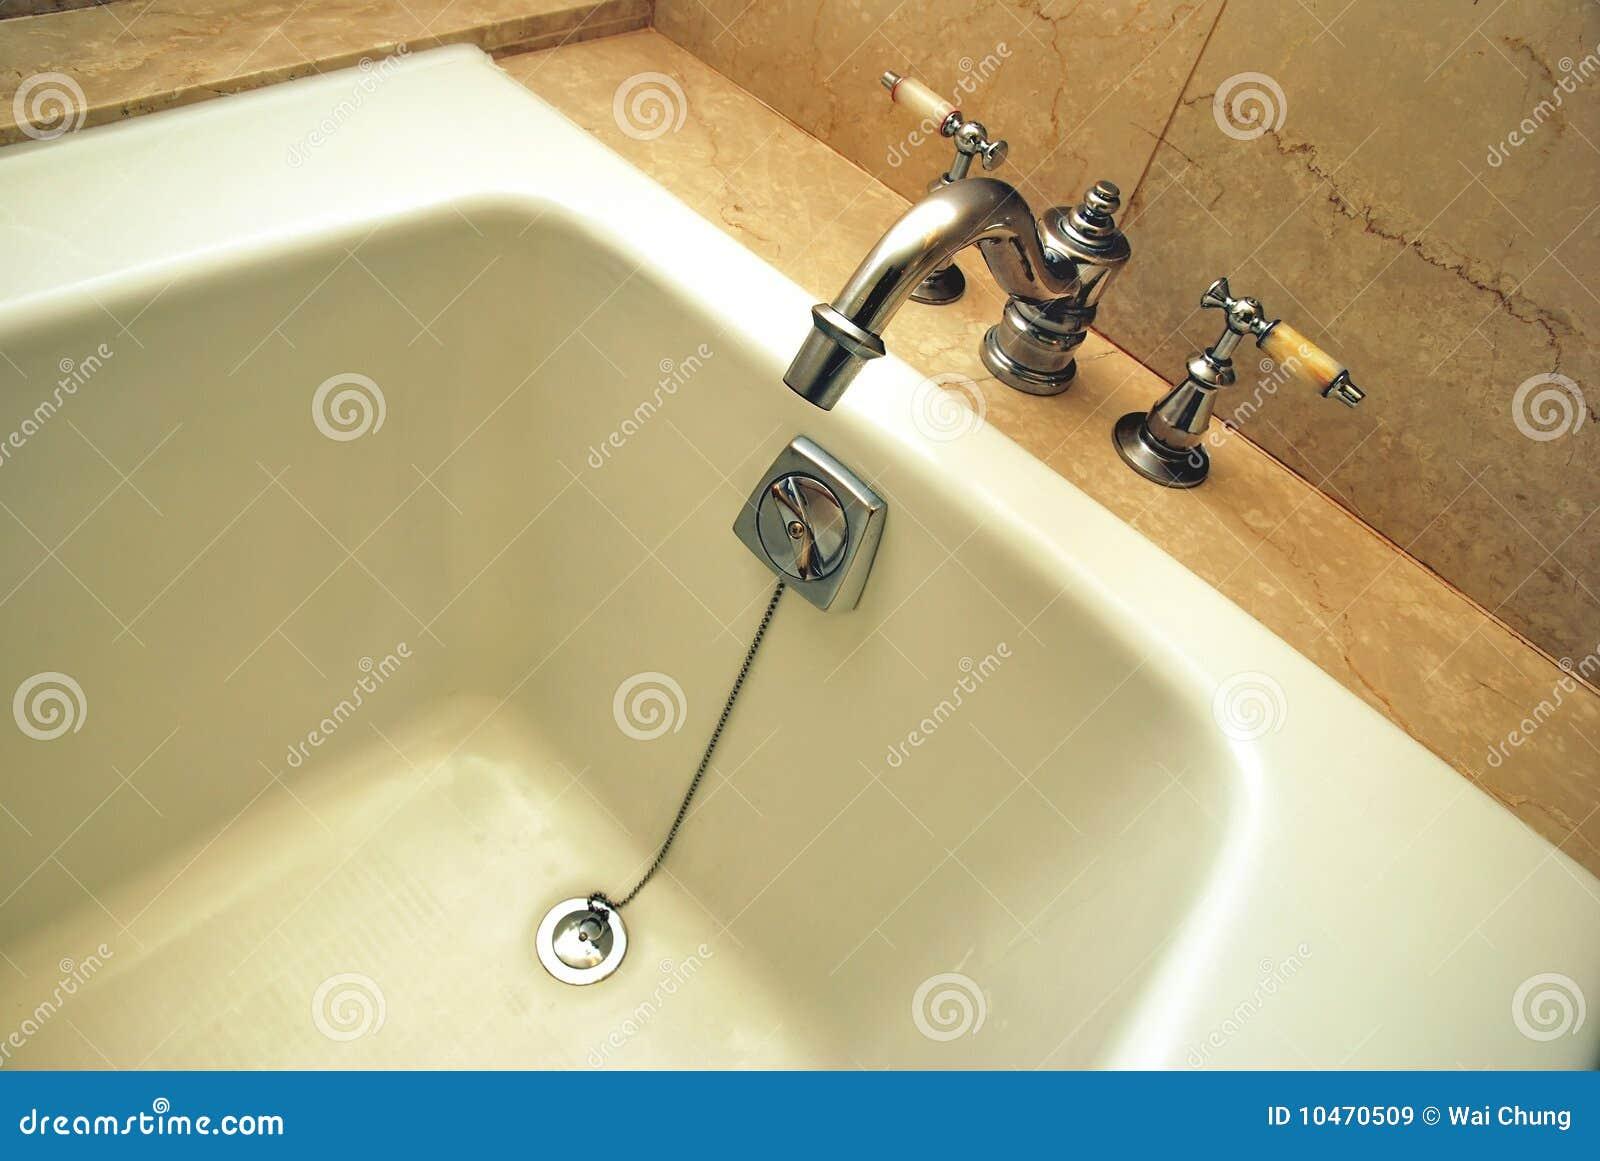 Vasca Da Bagno Metallo : Vasca da bagno di alta classe immagine stock immagine di